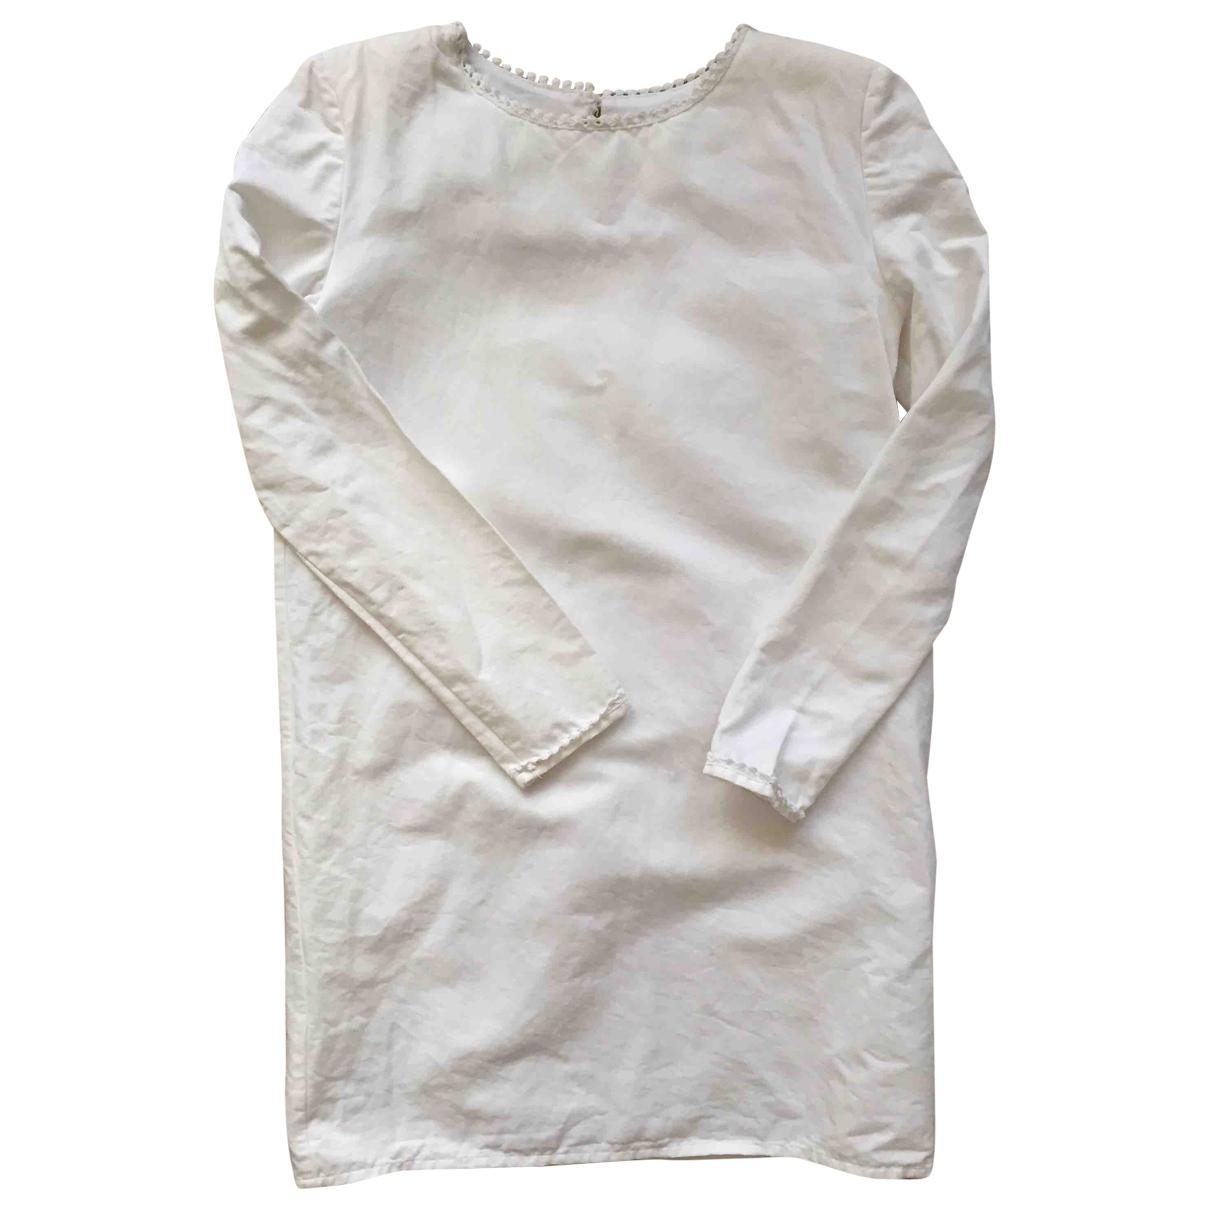 Flolove \N White Cotton dress for Women S International